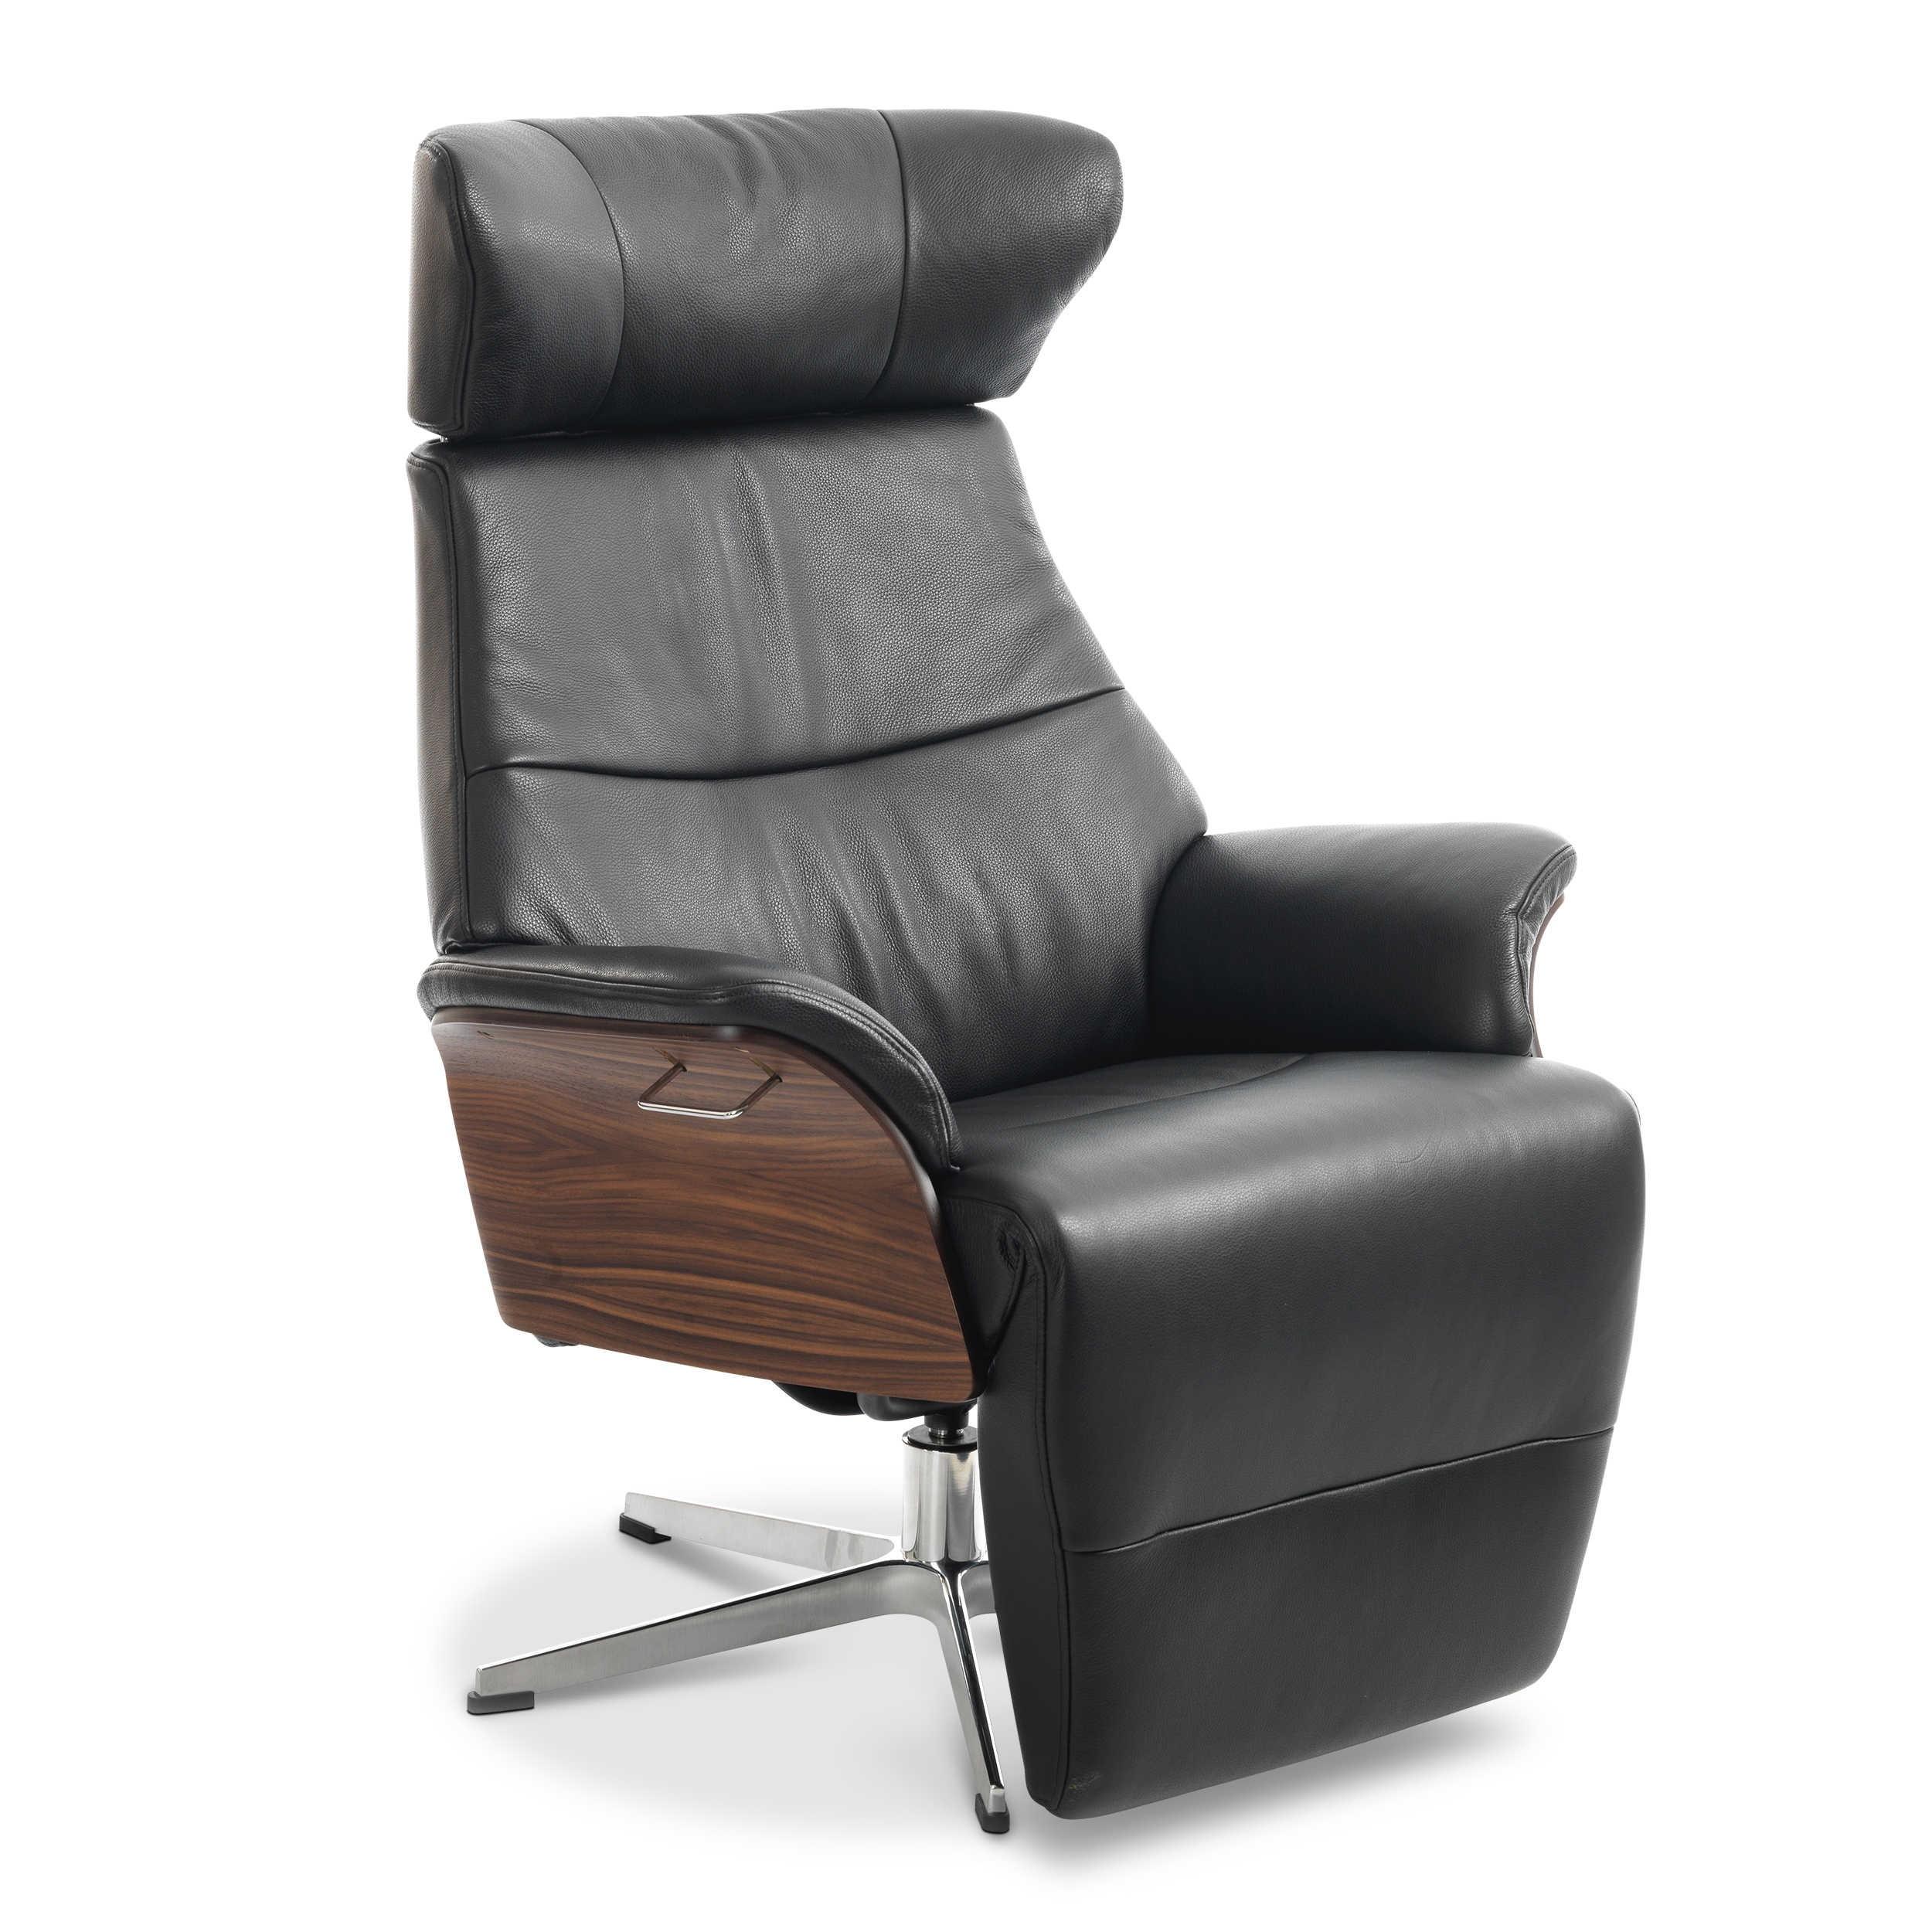 conform sessel air mit fu st tze schwarz leder online kaufen bei woonio. Black Bedroom Furniture Sets. Home Design Ideas